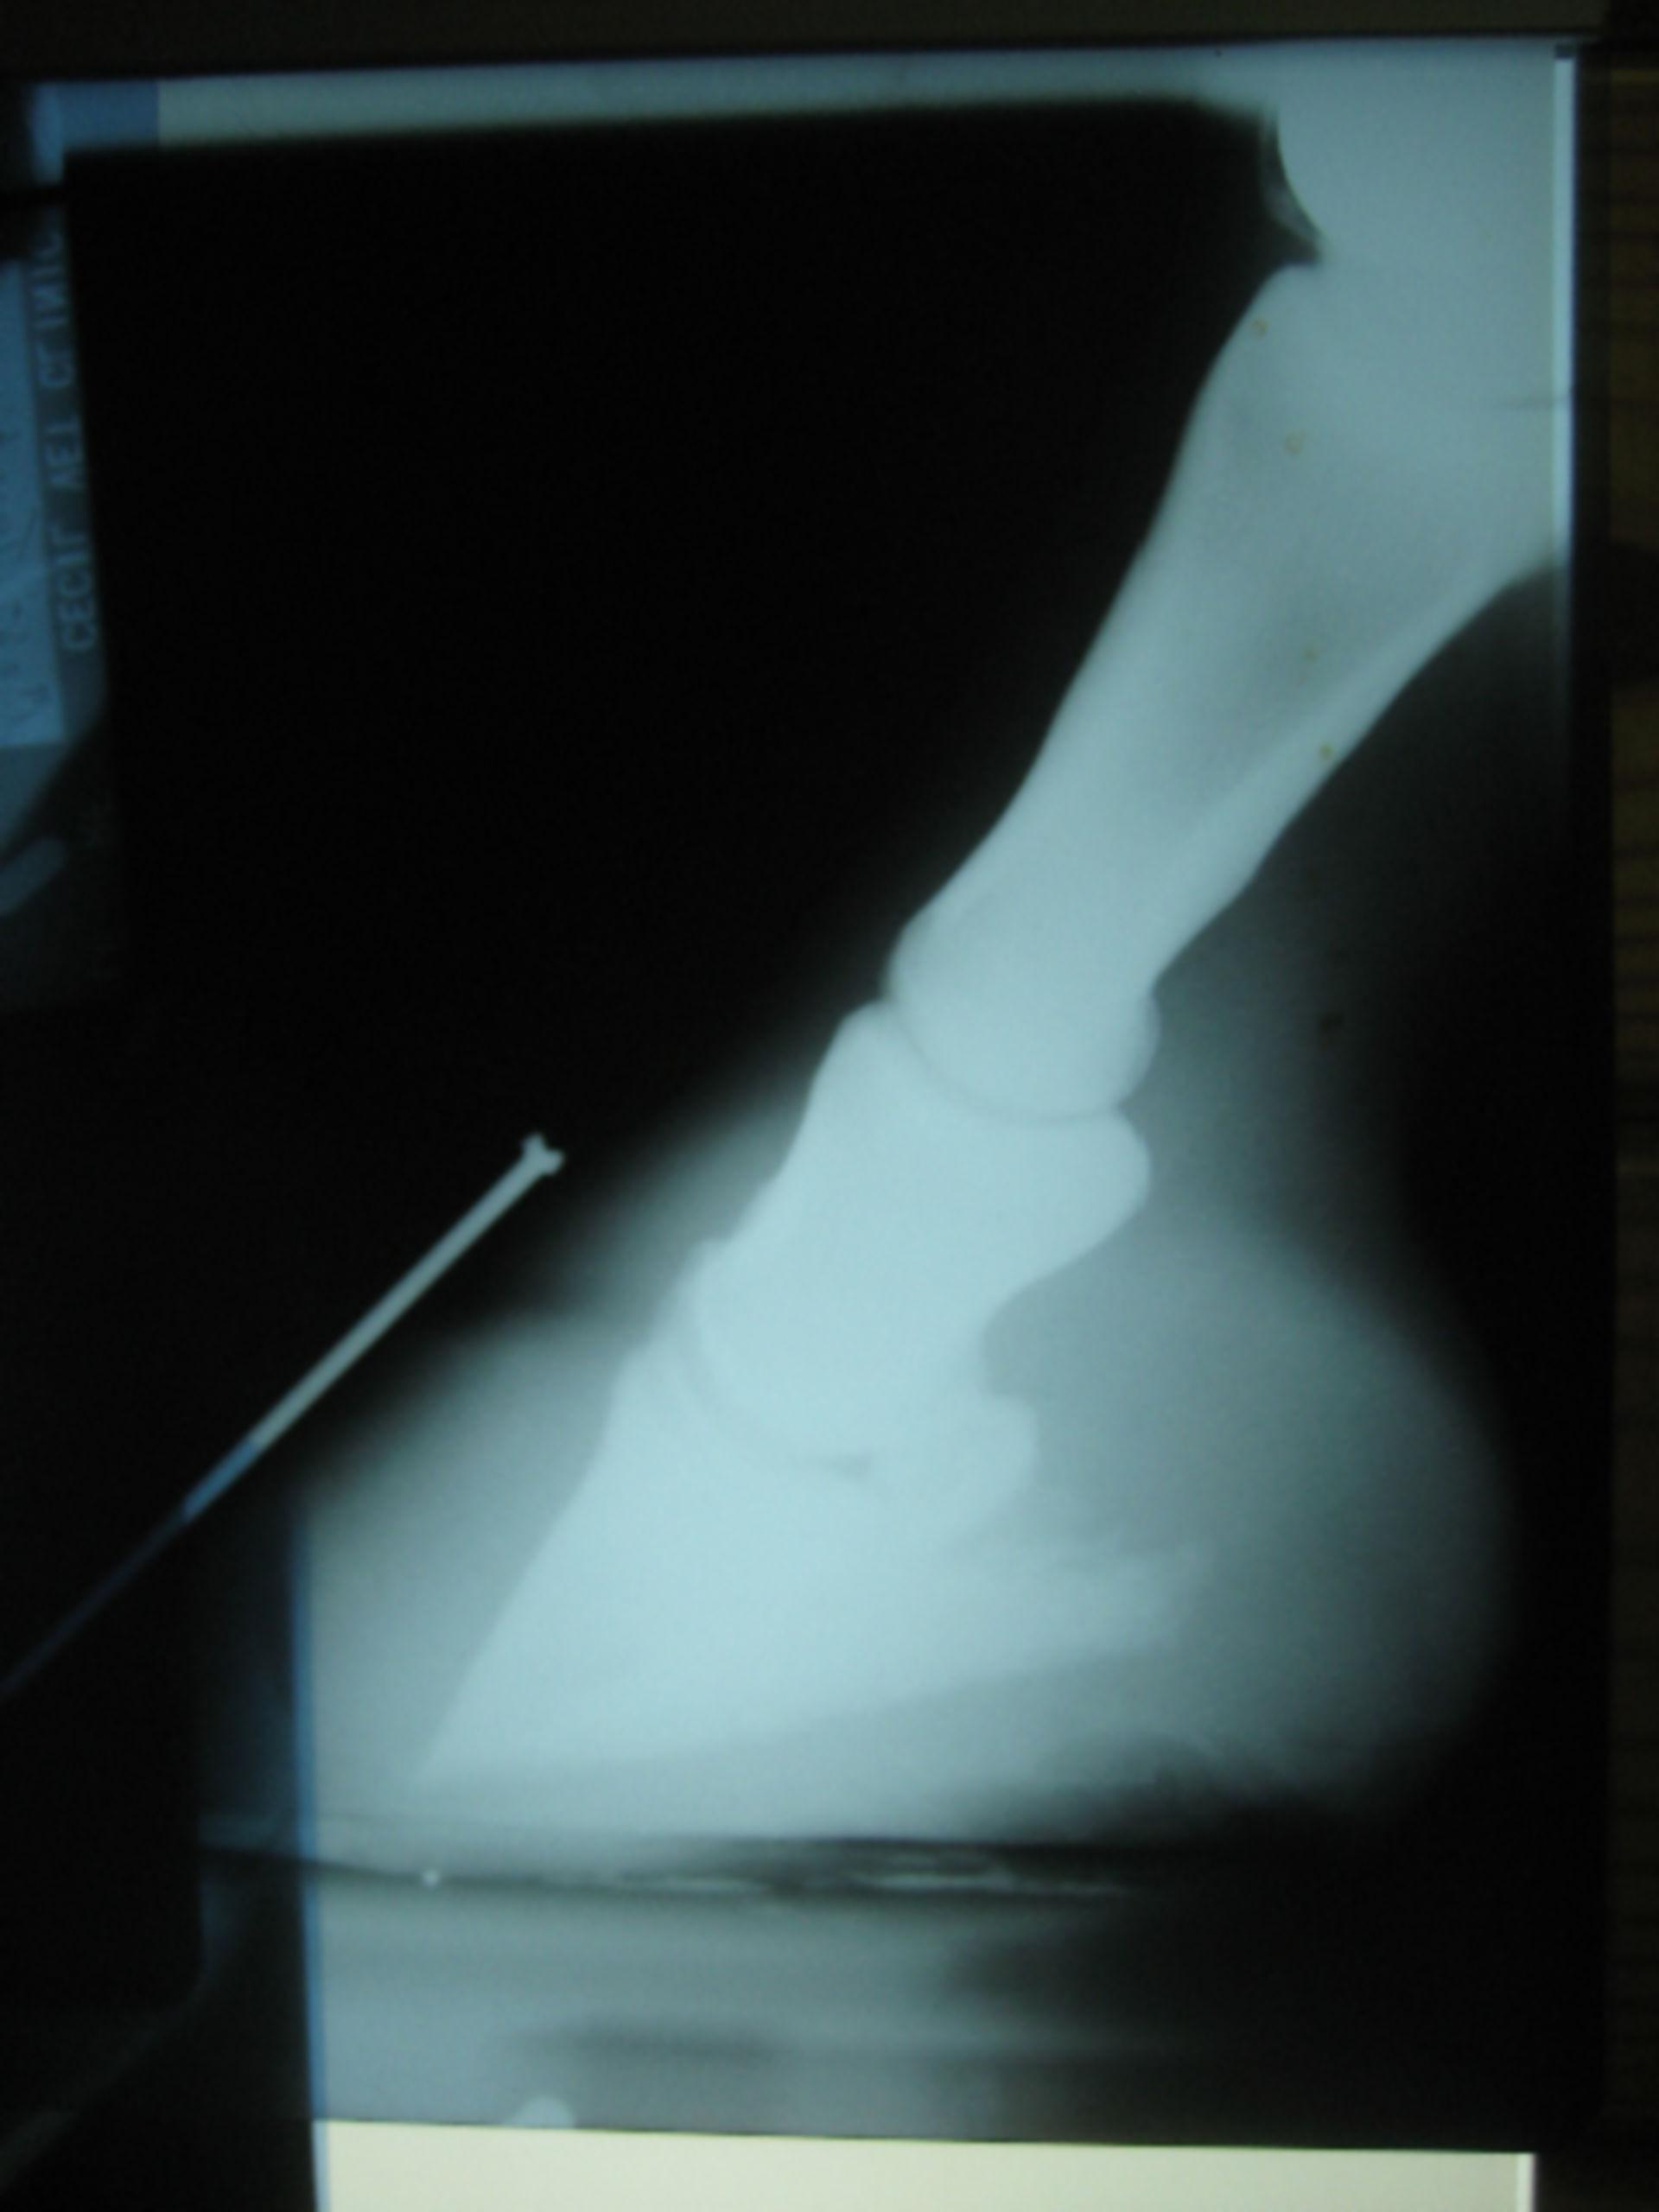 Röntgenaufnahme einer chonischen Hufrehe